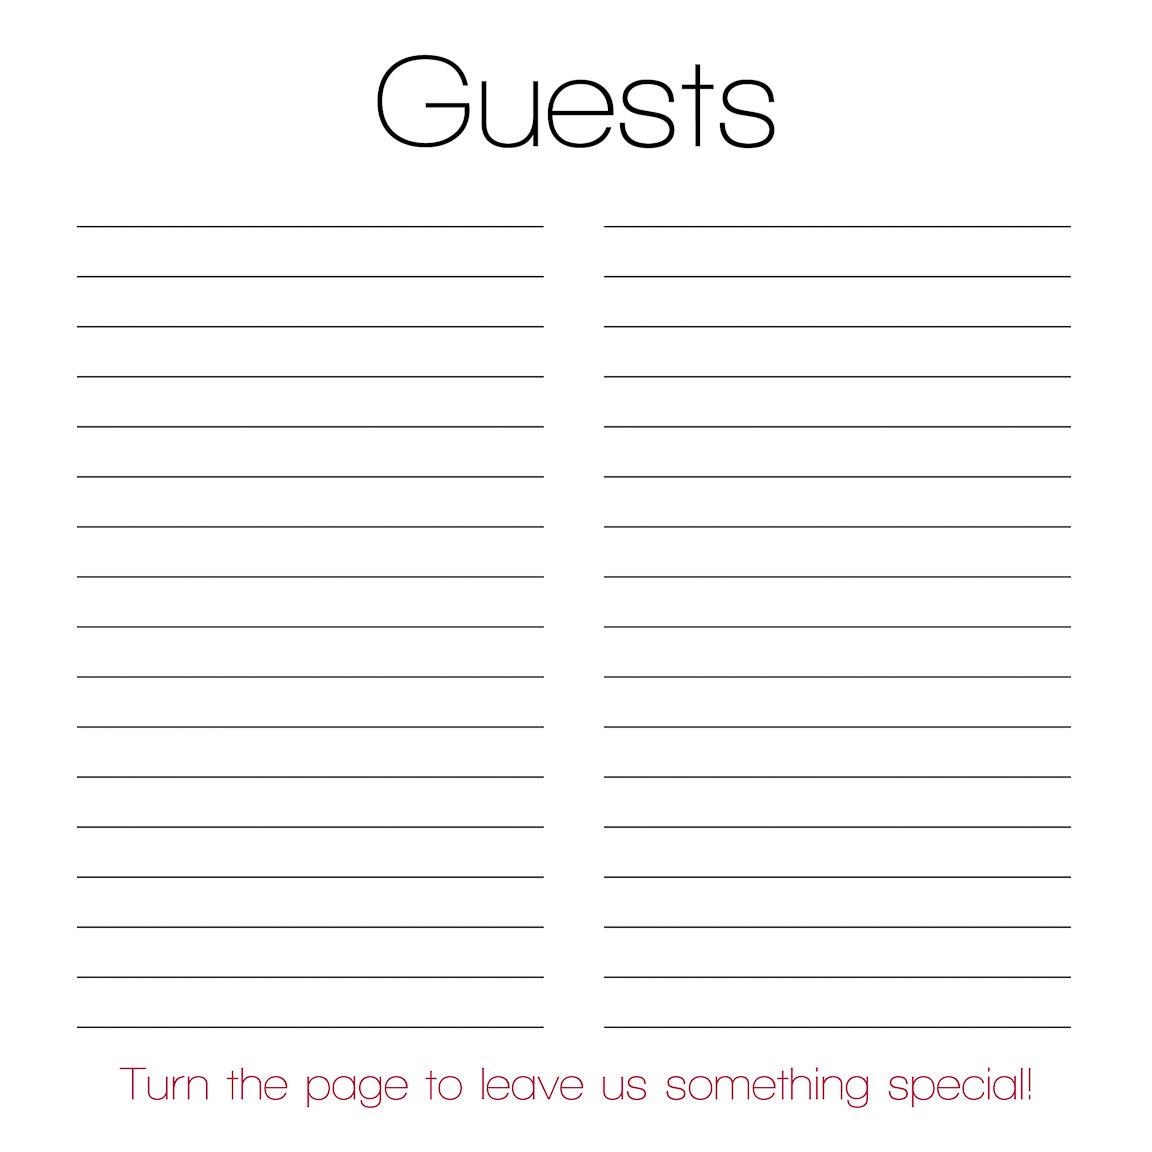 000001 - Brian & Megan | Custom Guestbook Design